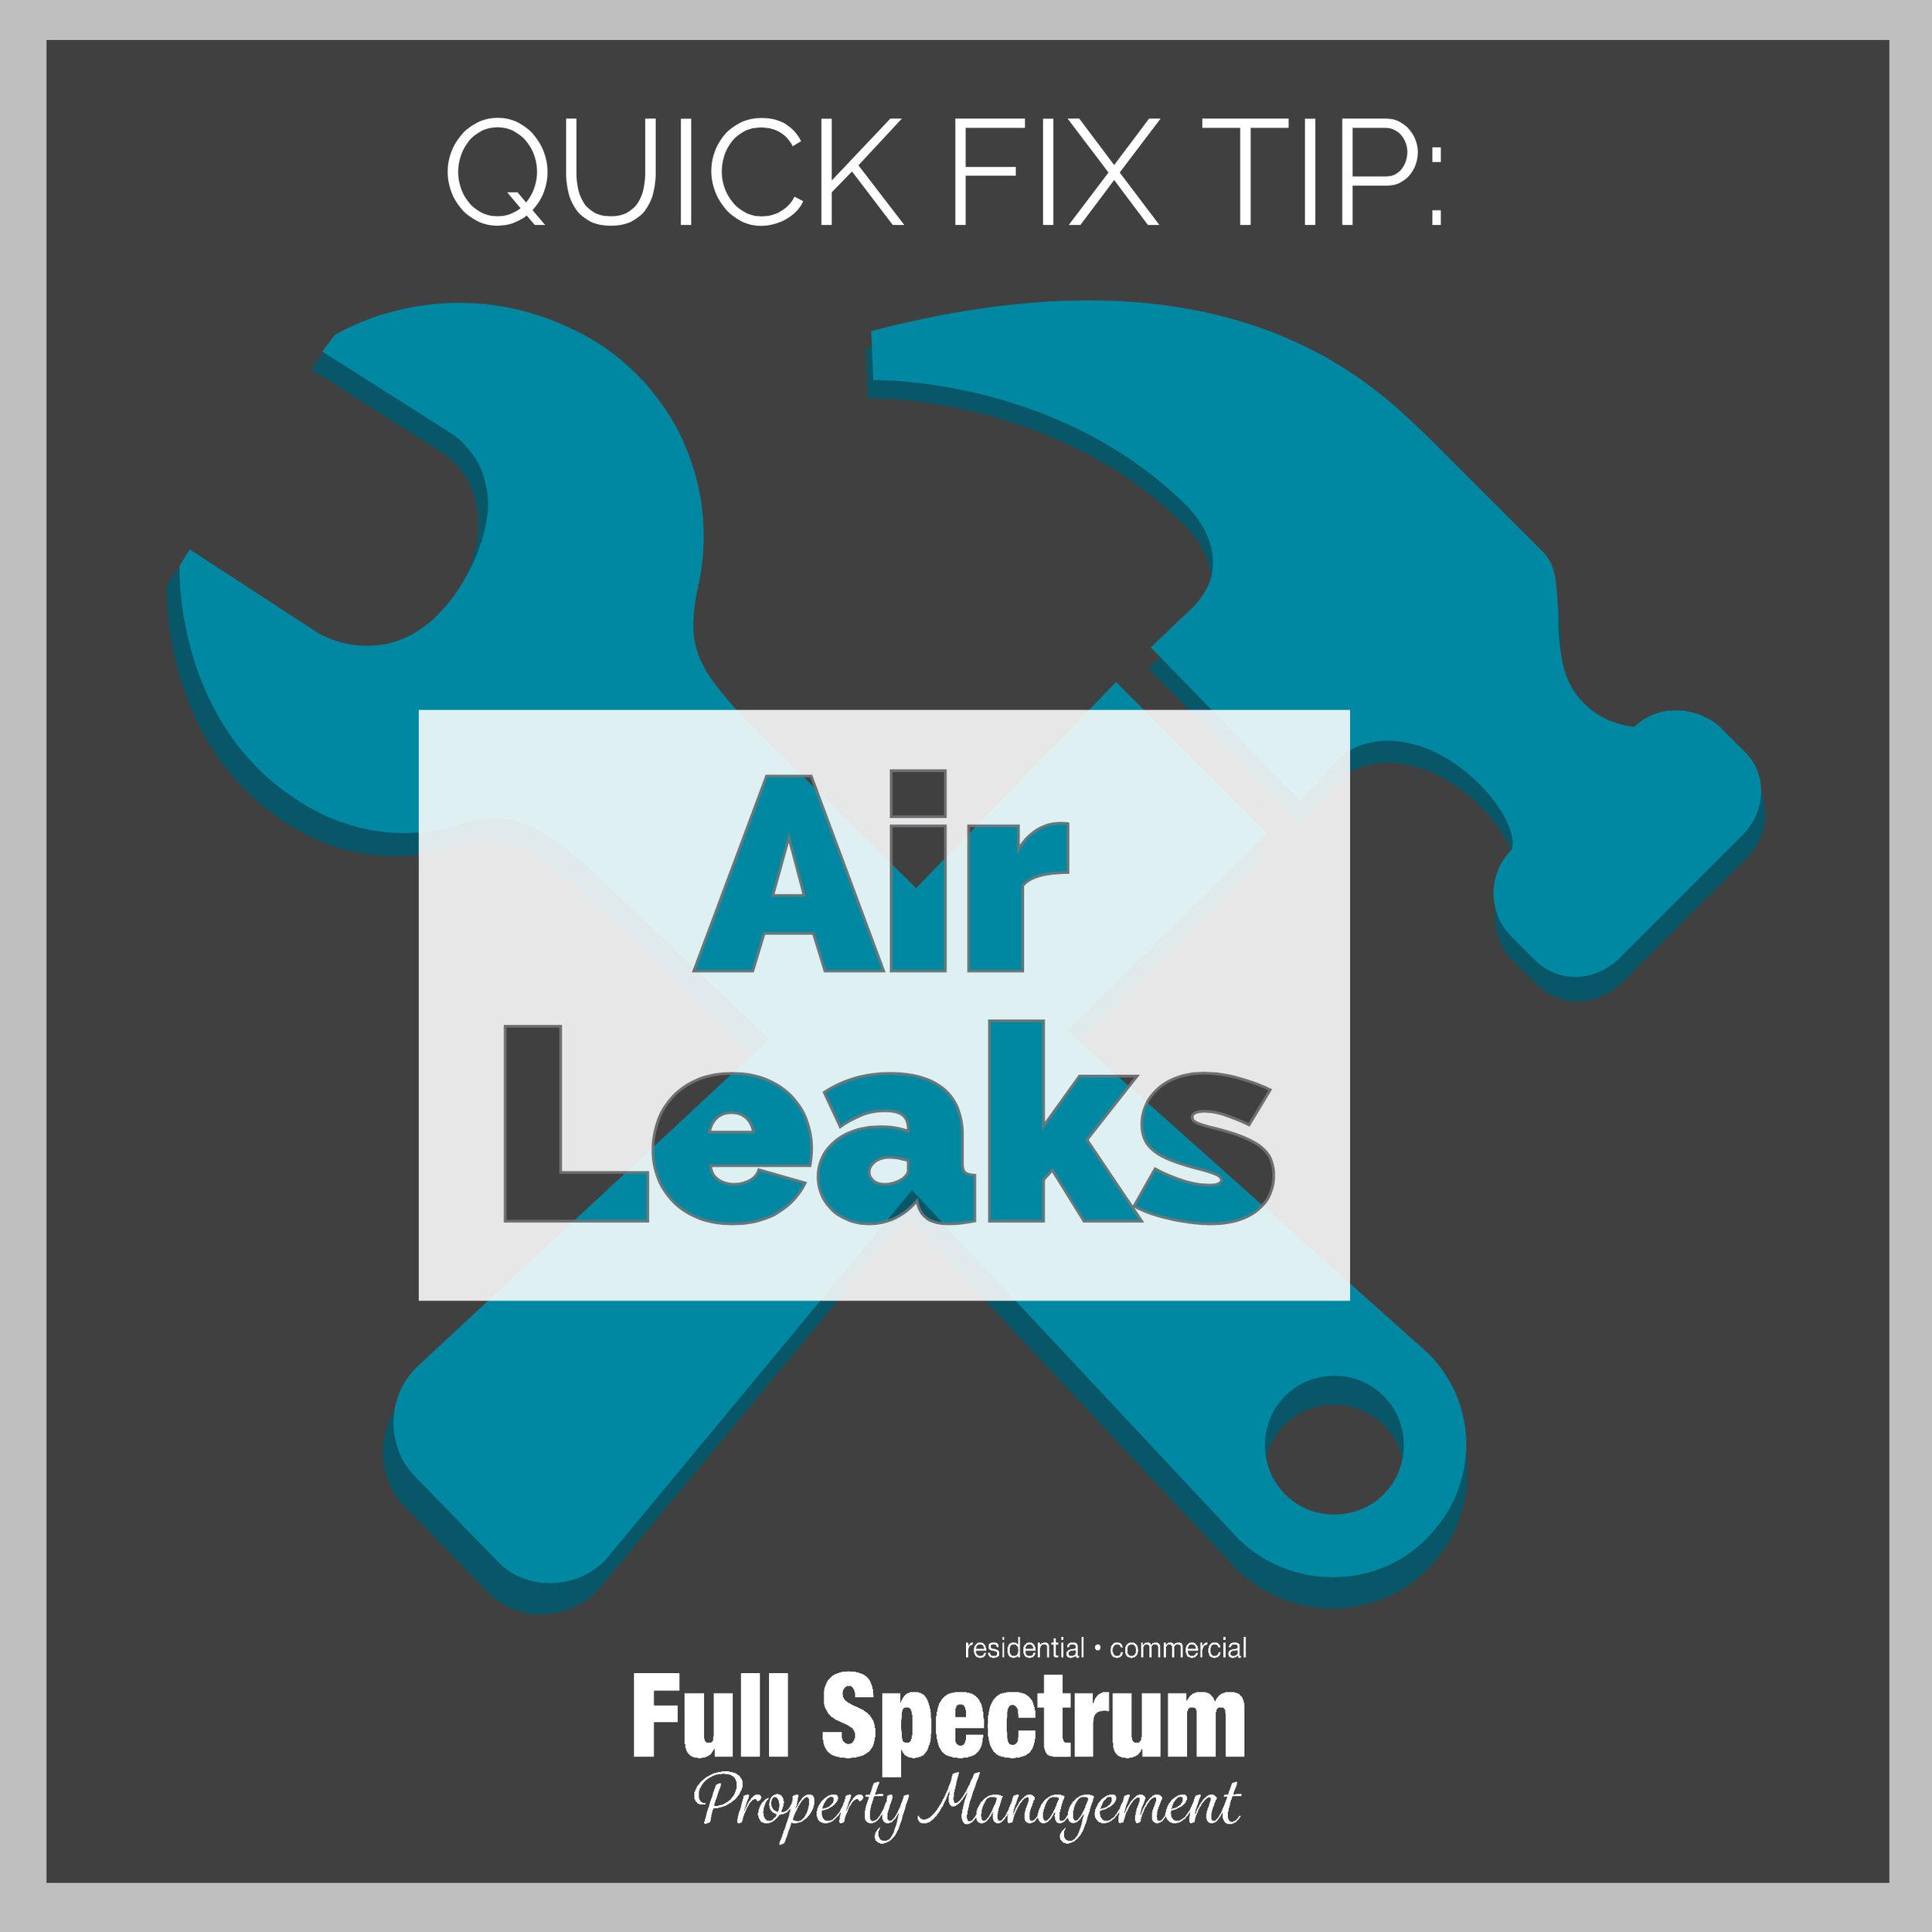 quickfixtip_airleaks.jpg